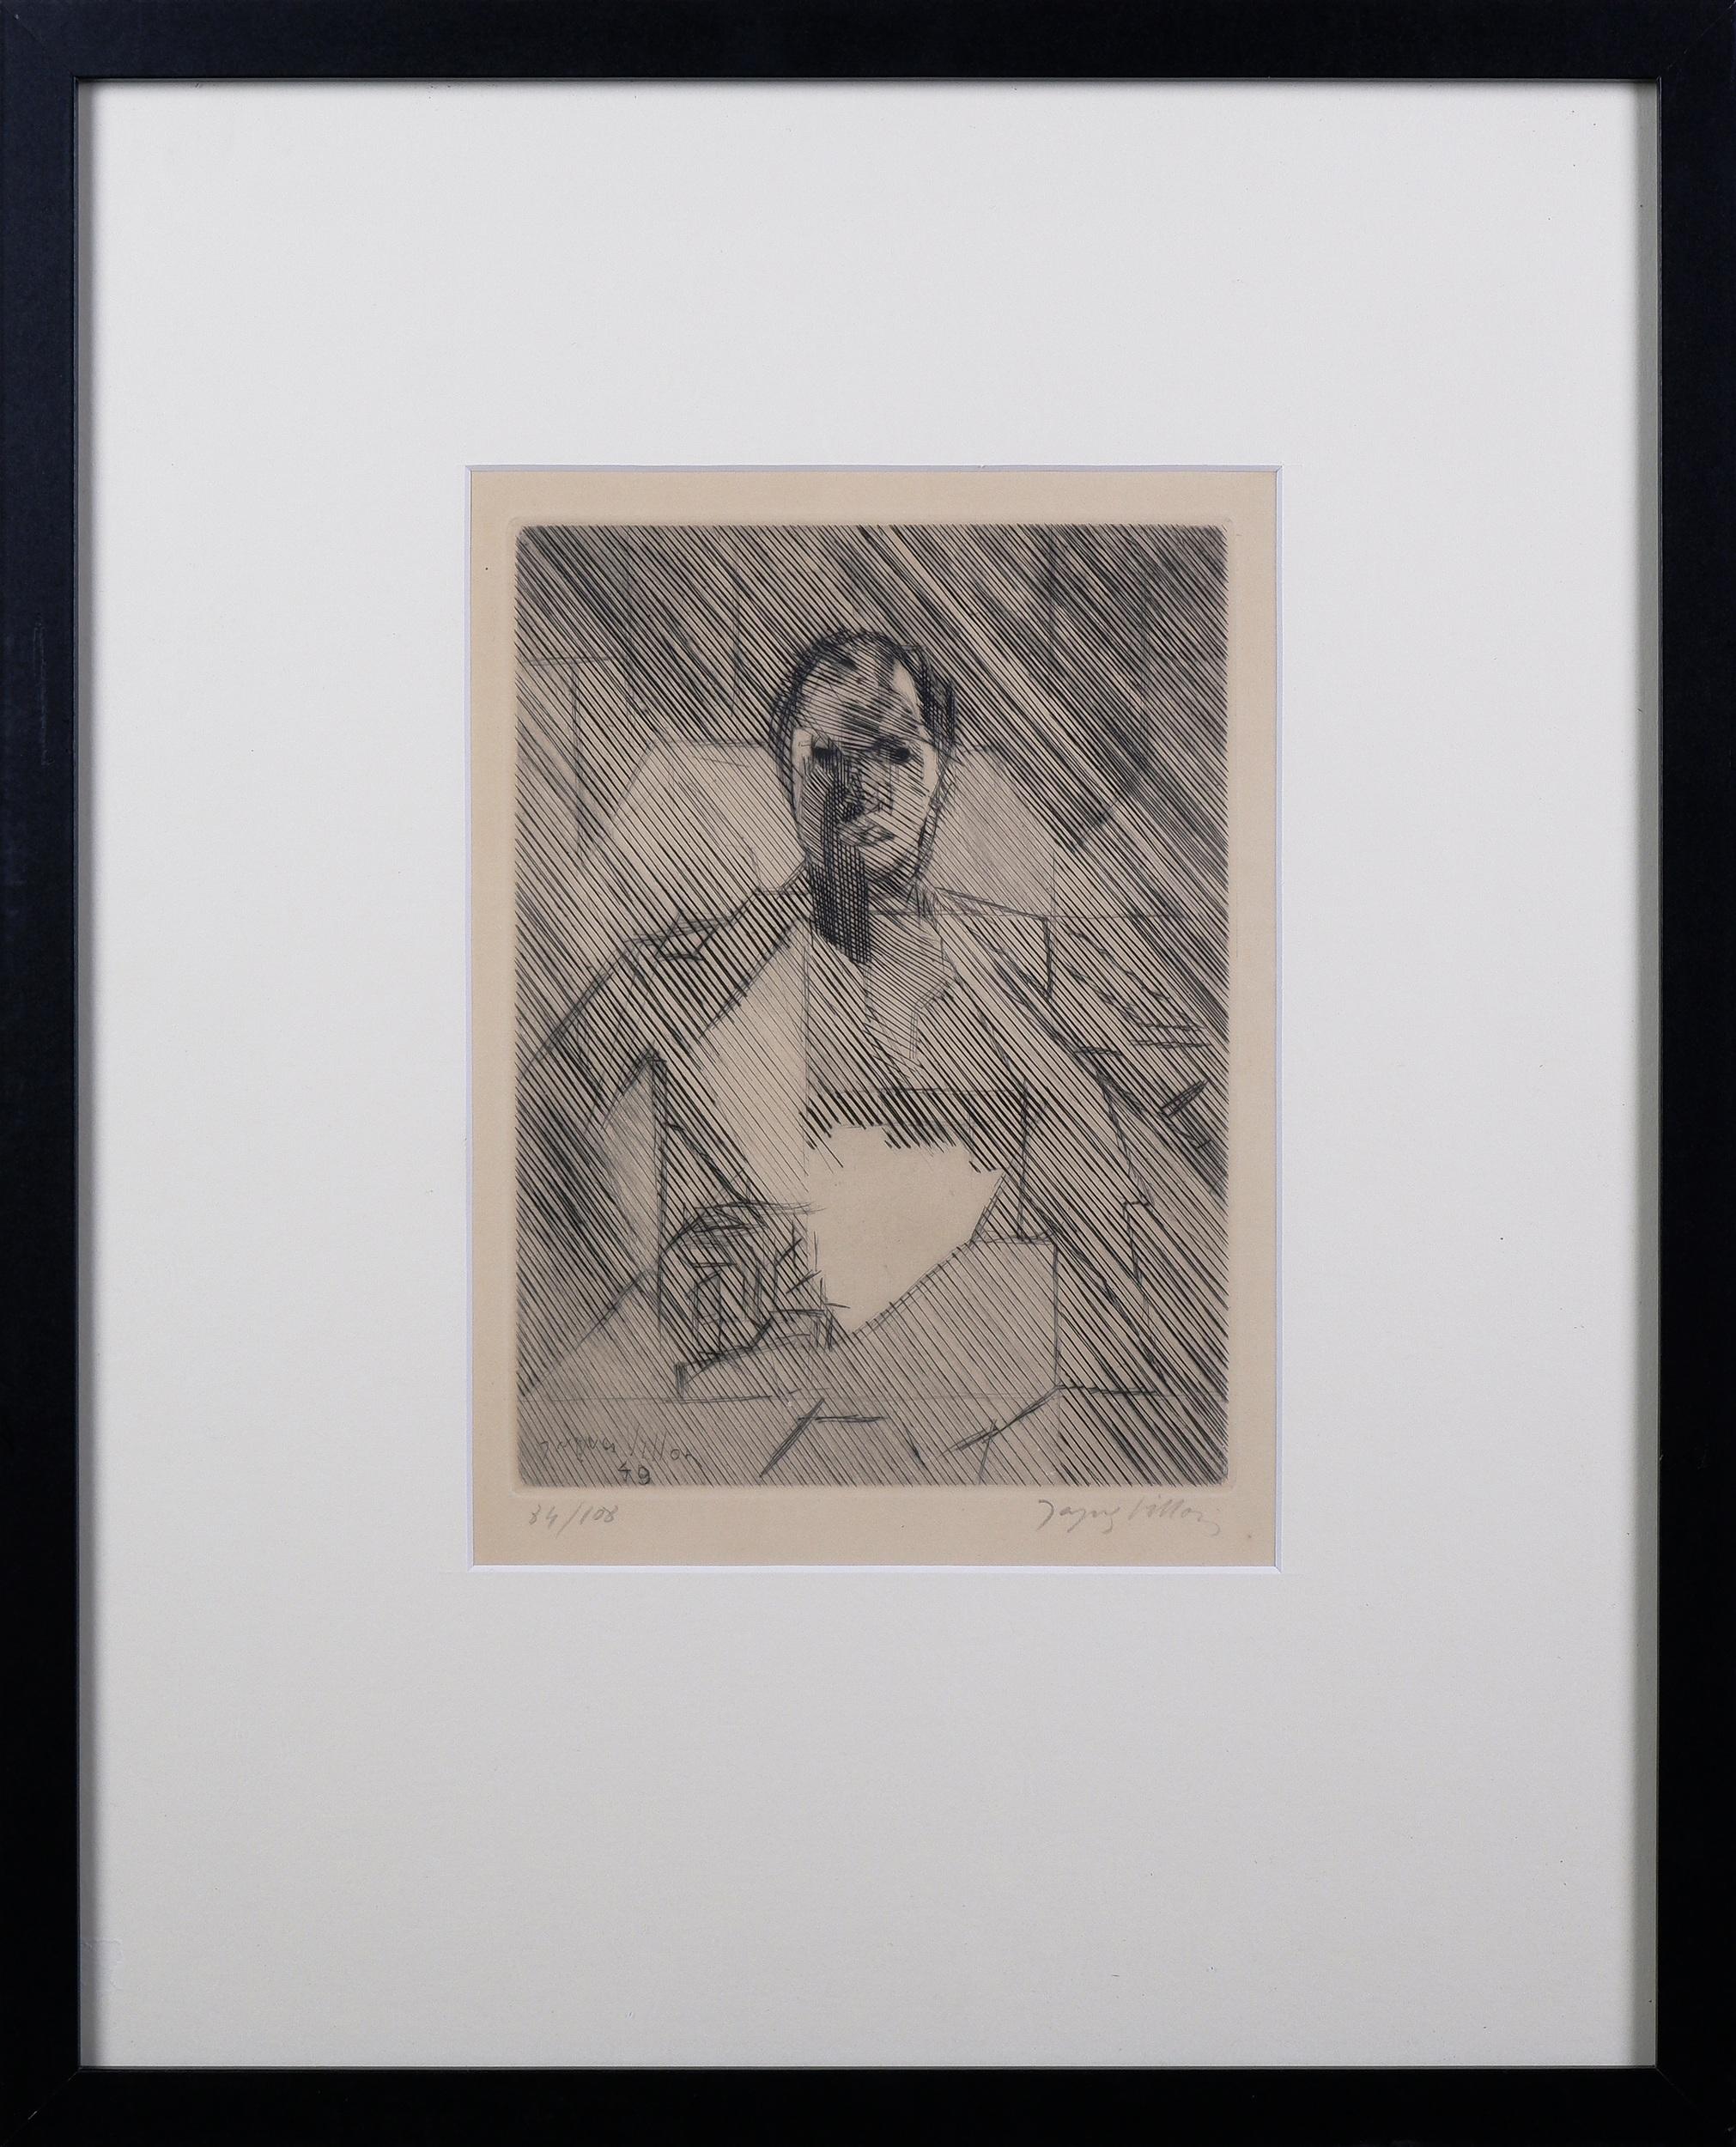 'Jacques Villon (1875-1963, French), La Mere 1949, Etching, 24 x 18 cm'